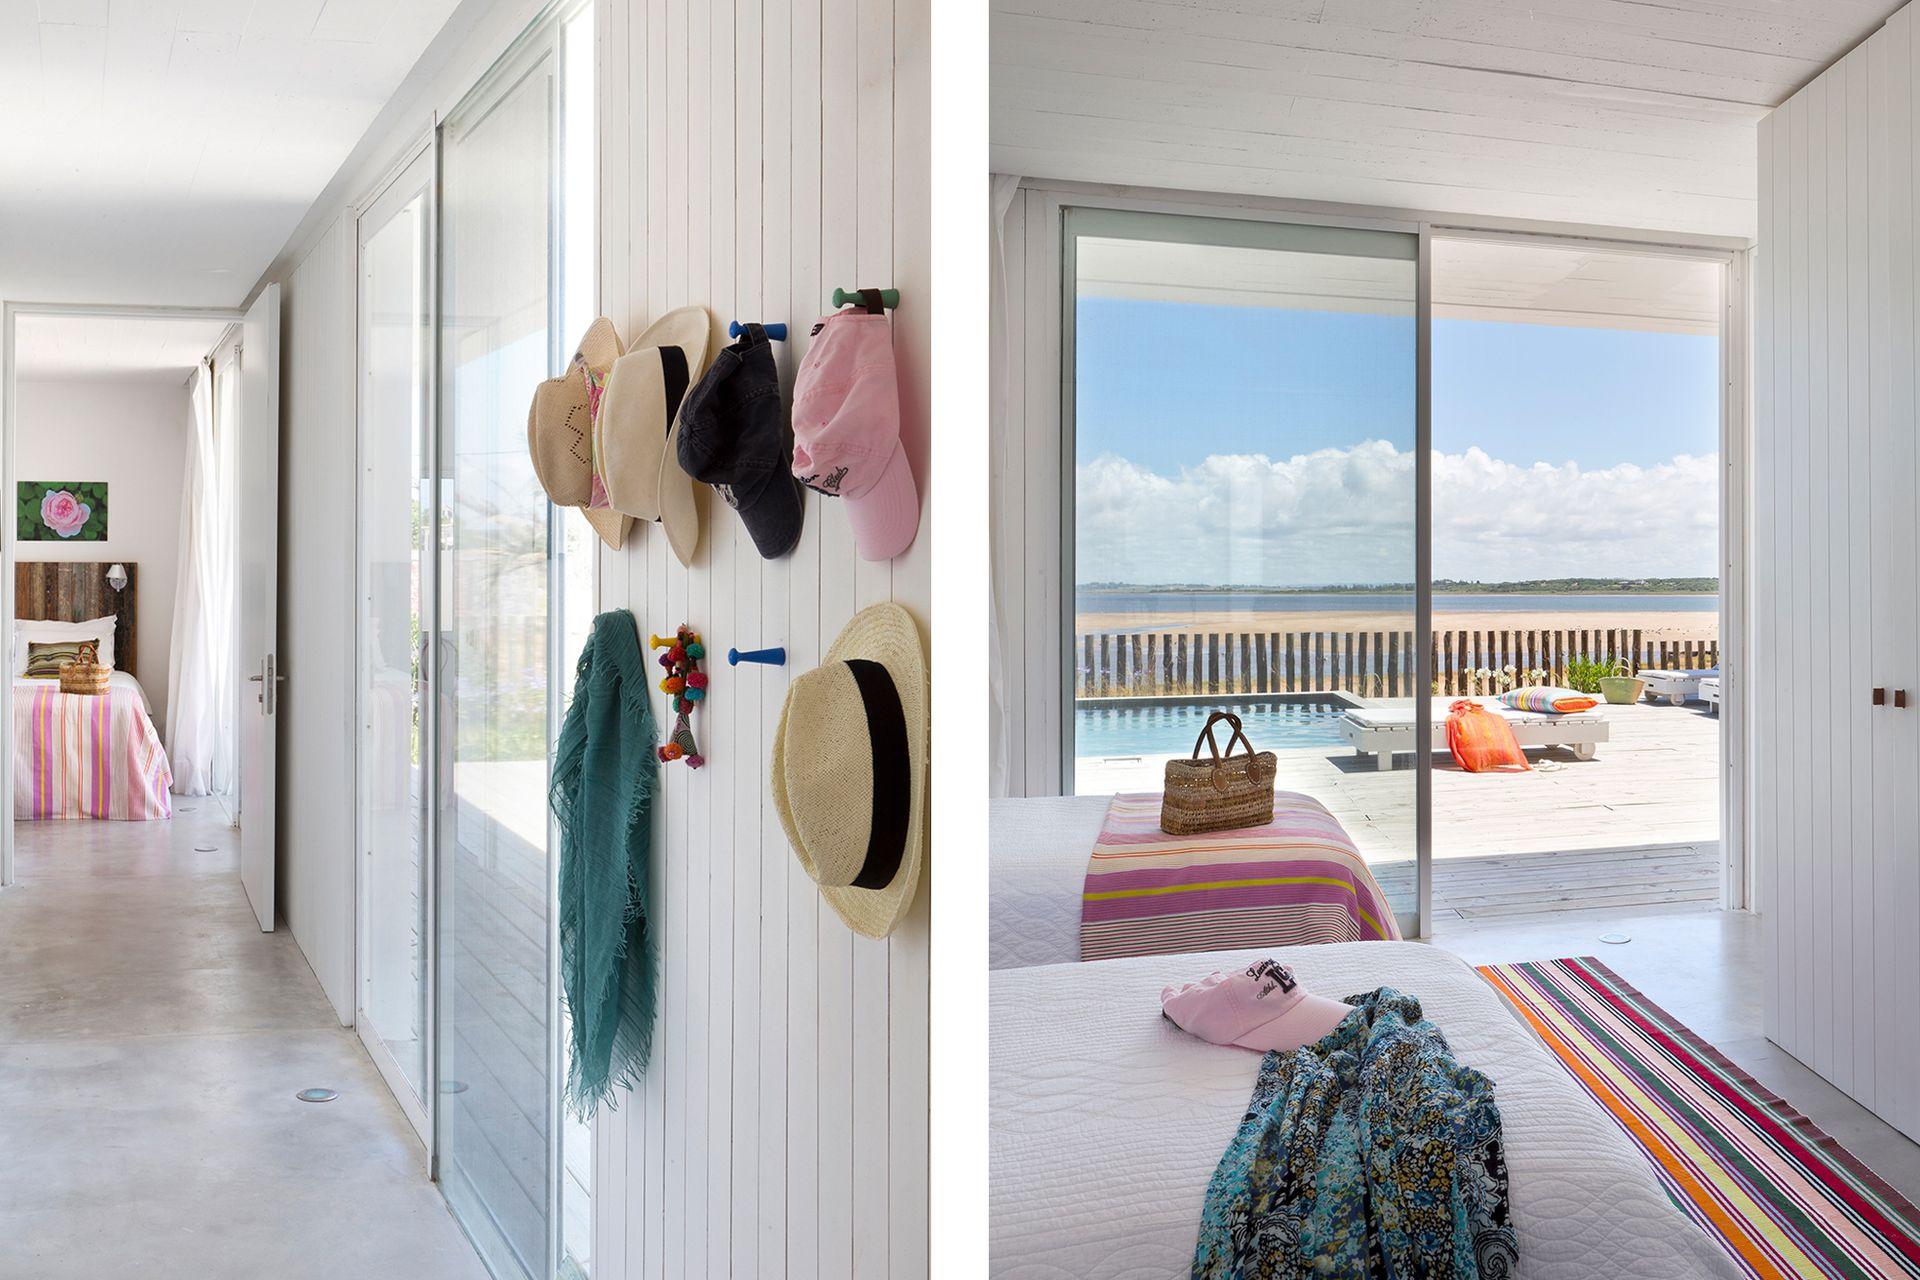 Ubicado al final del pasillo, este cuarto tiene camas vestidas con coloridos textiles que los dueños trajeron de Suecia.